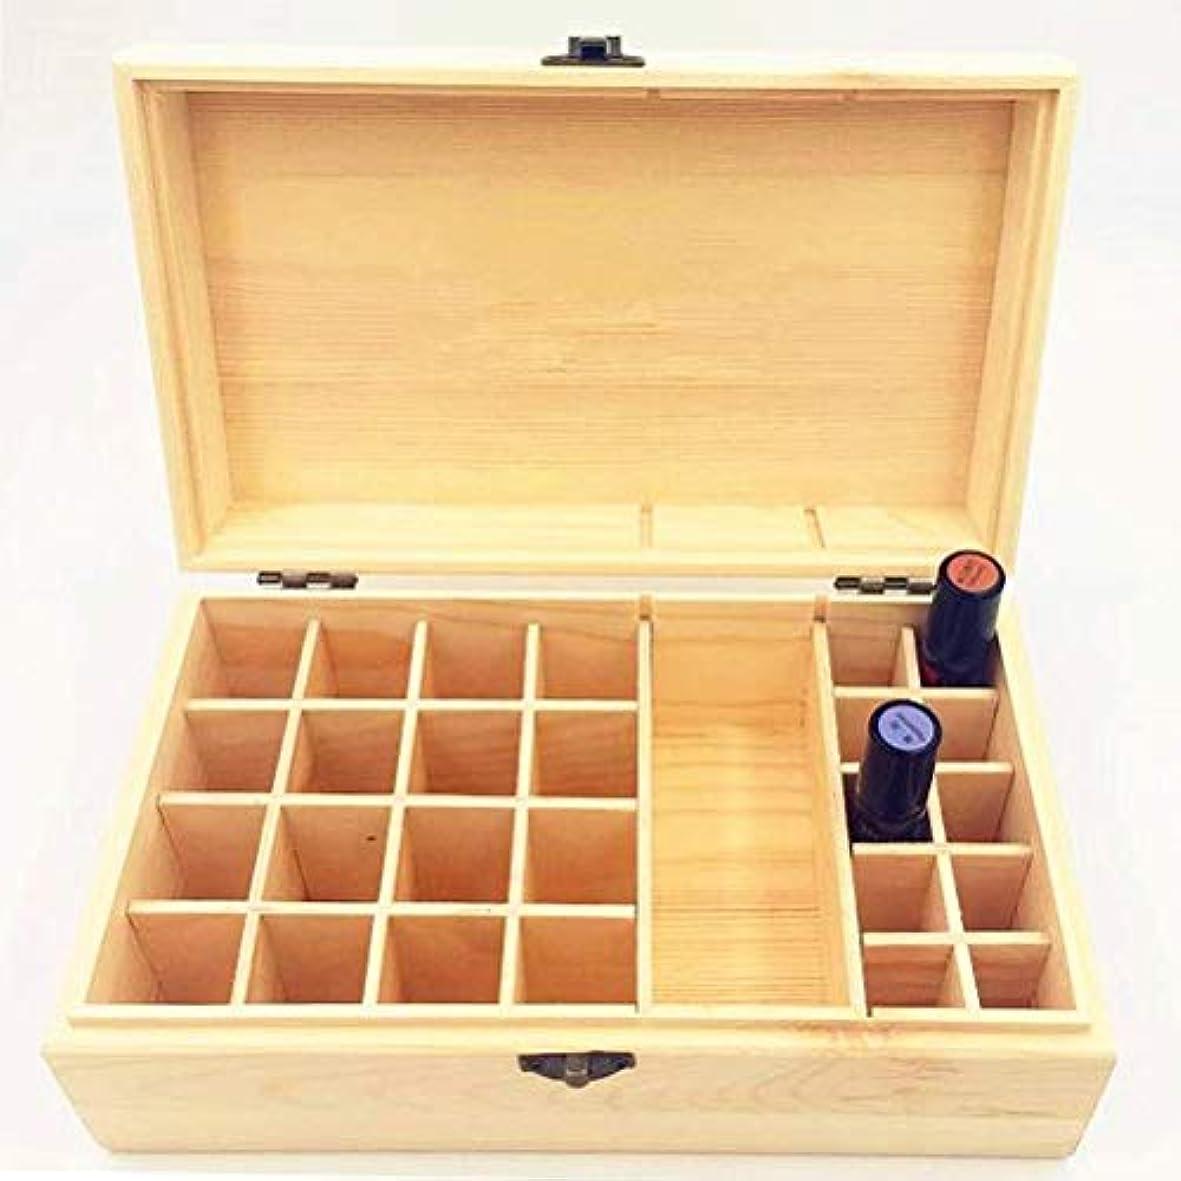 逆に宣言包括的TINKSKY アロマケース エッセンシャルオイルケース 木製 精油ケース 精油収納 仕切りボックス 32本収納 仕切り板が取り出し可